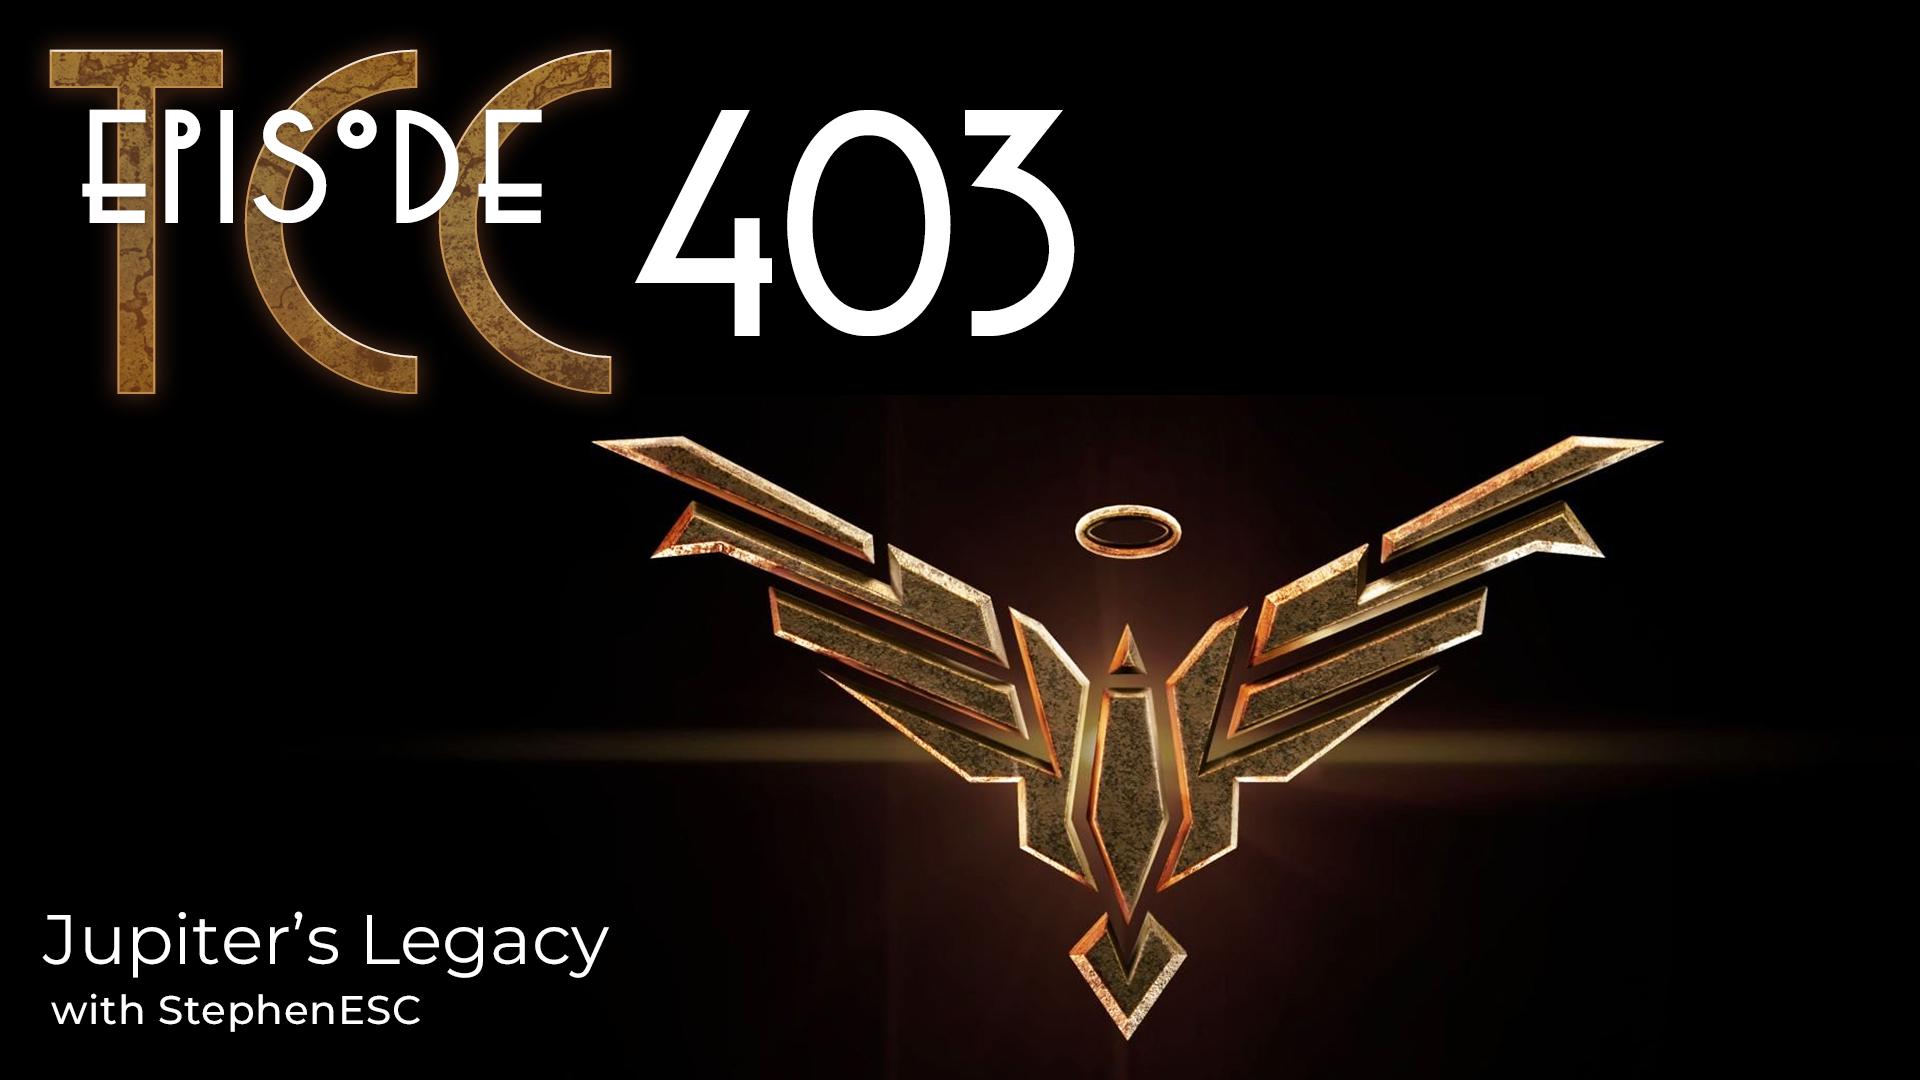 The Citadel Cafe 403: Jupiter's Legacy